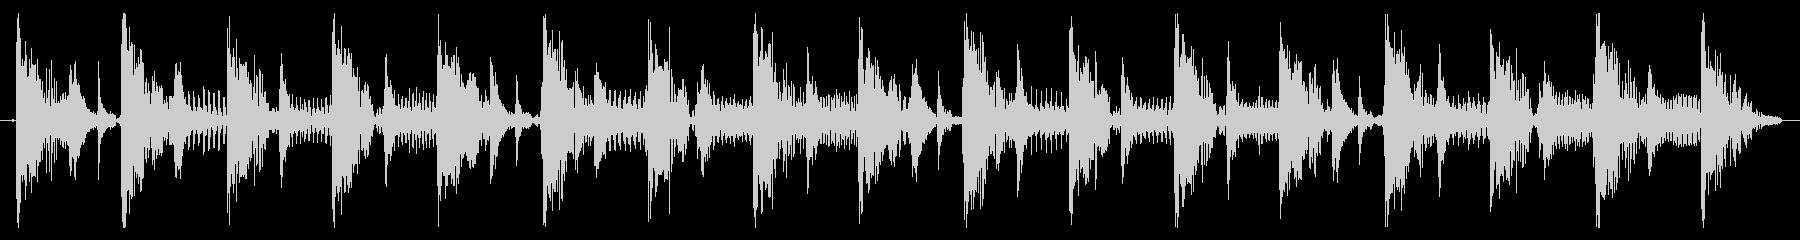 ベース生演奏のクールスラップジングル09の未再生の波形